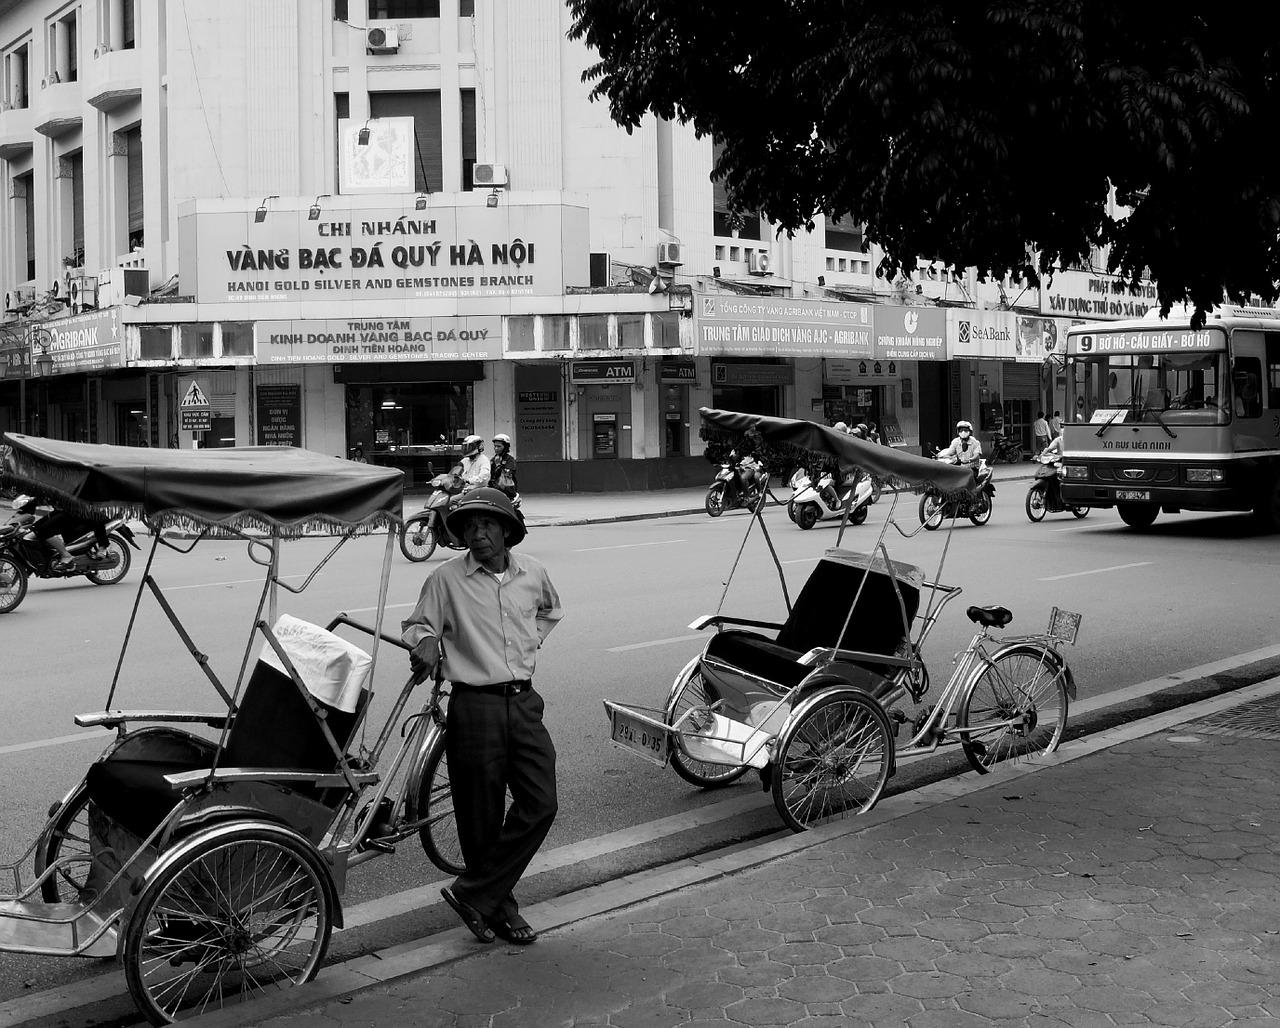 2018 ベトナム ハノイ旅行 最終日 ホアンキエム湖